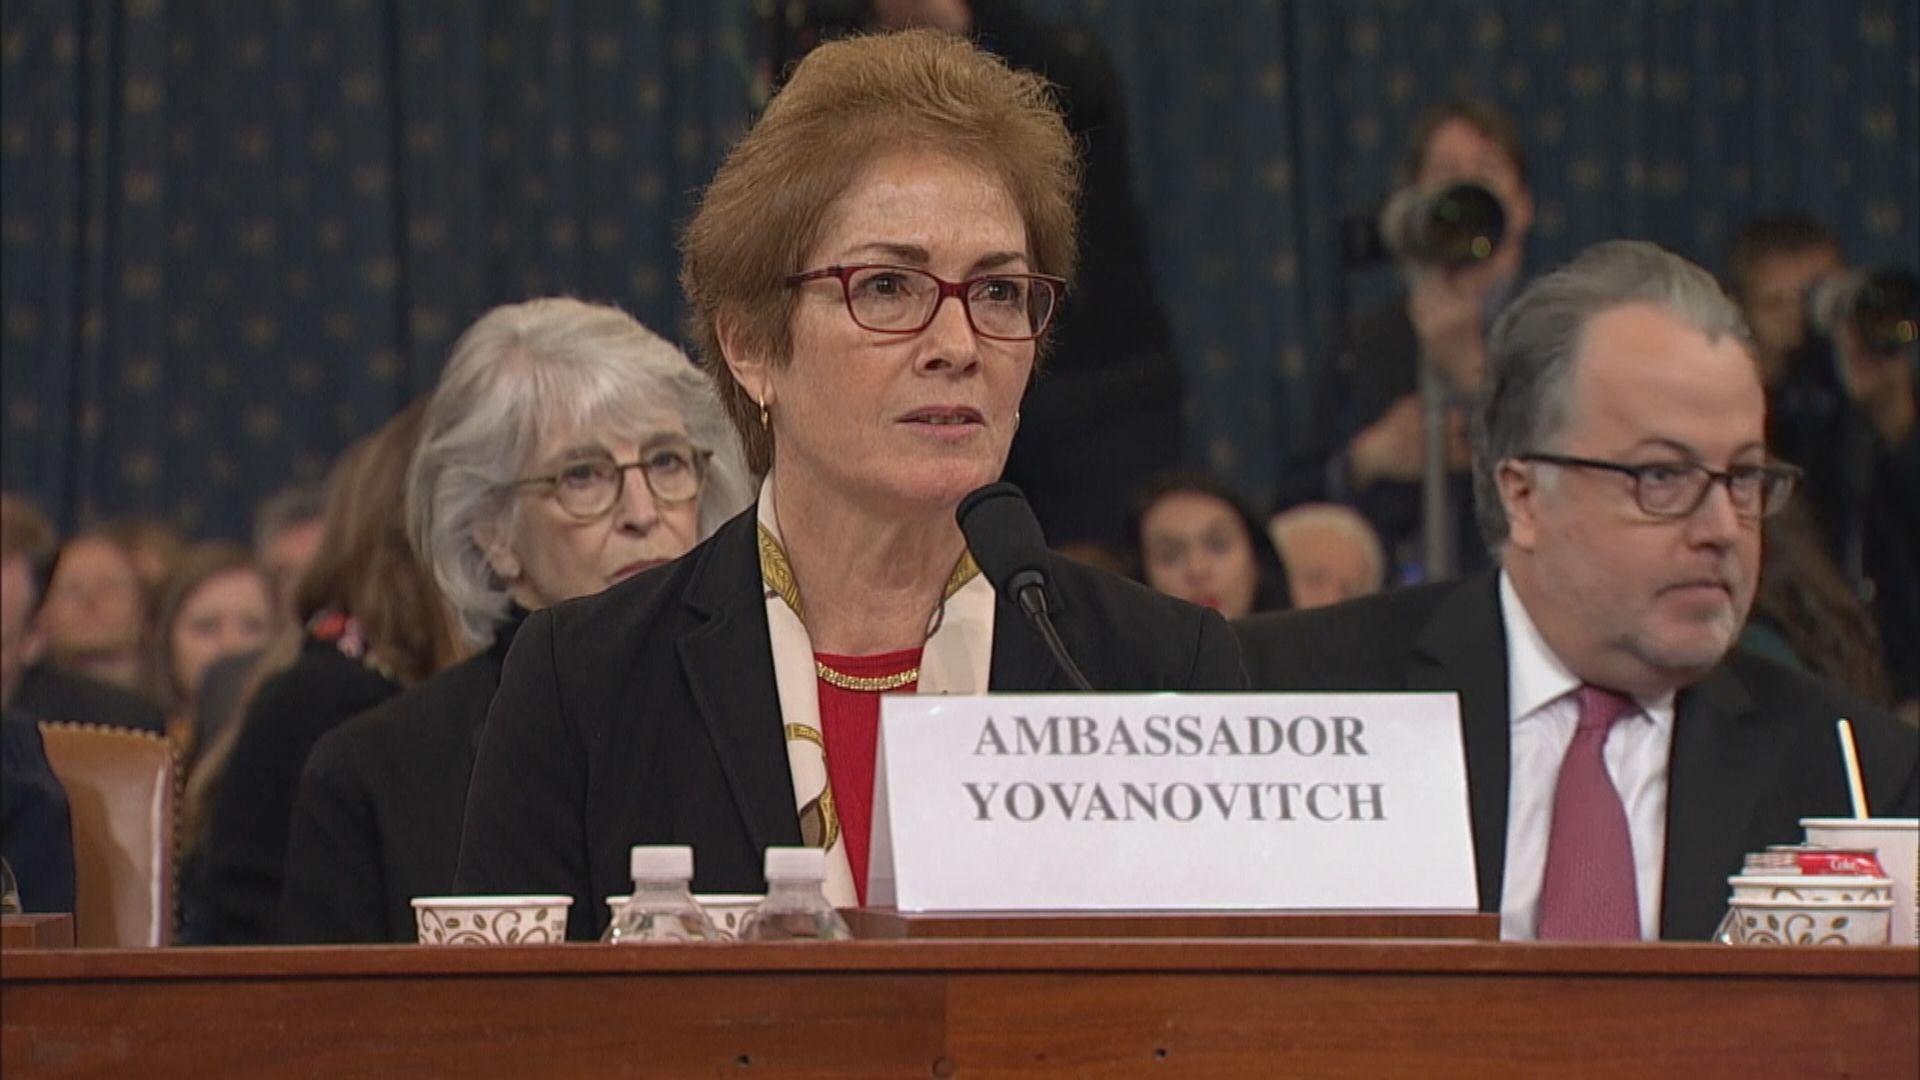 美國駐烏克蘭大使被解僱前疑遭監視